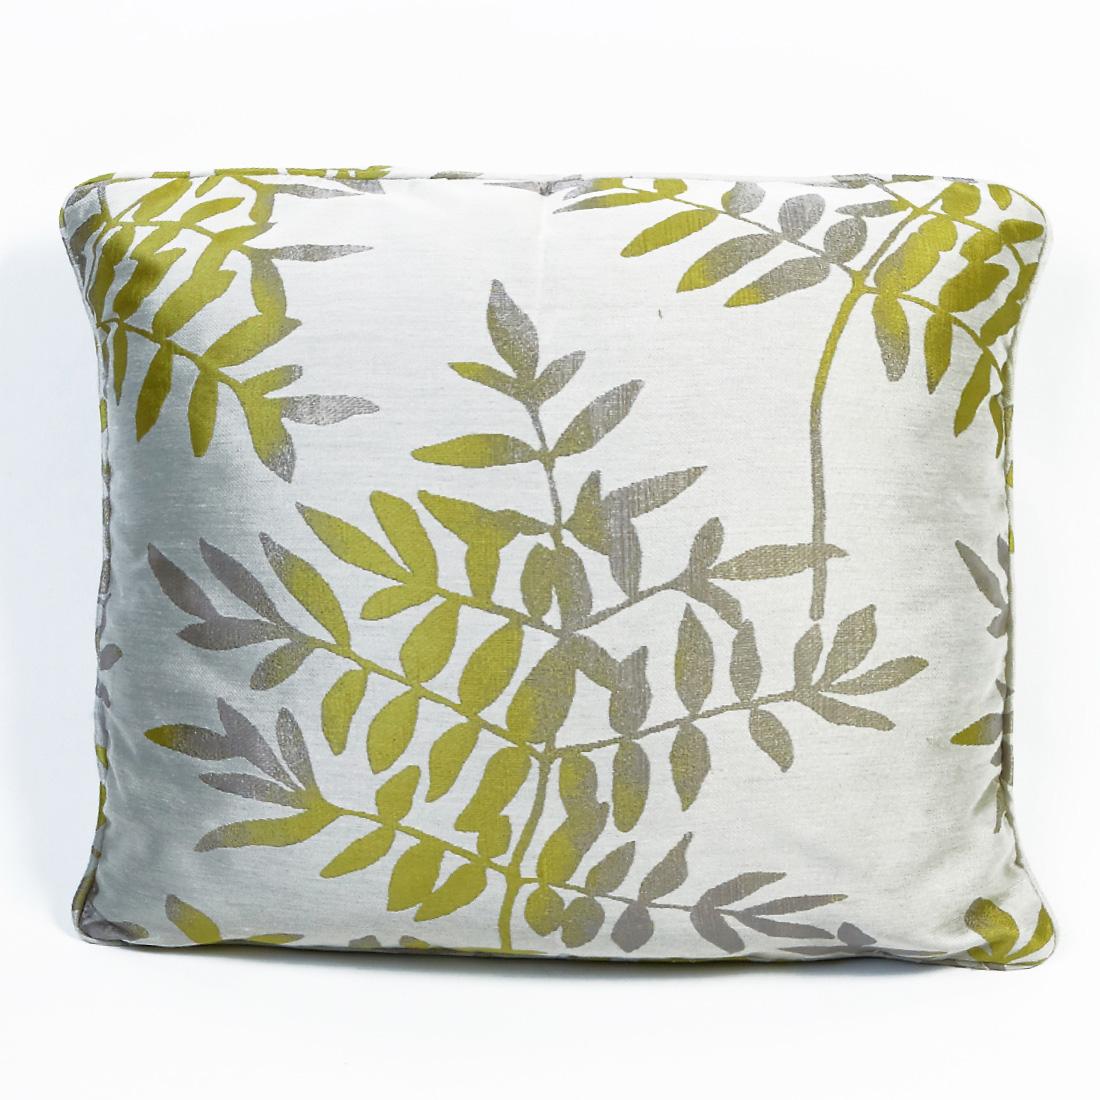 Mystique Citrus Cushion Cover